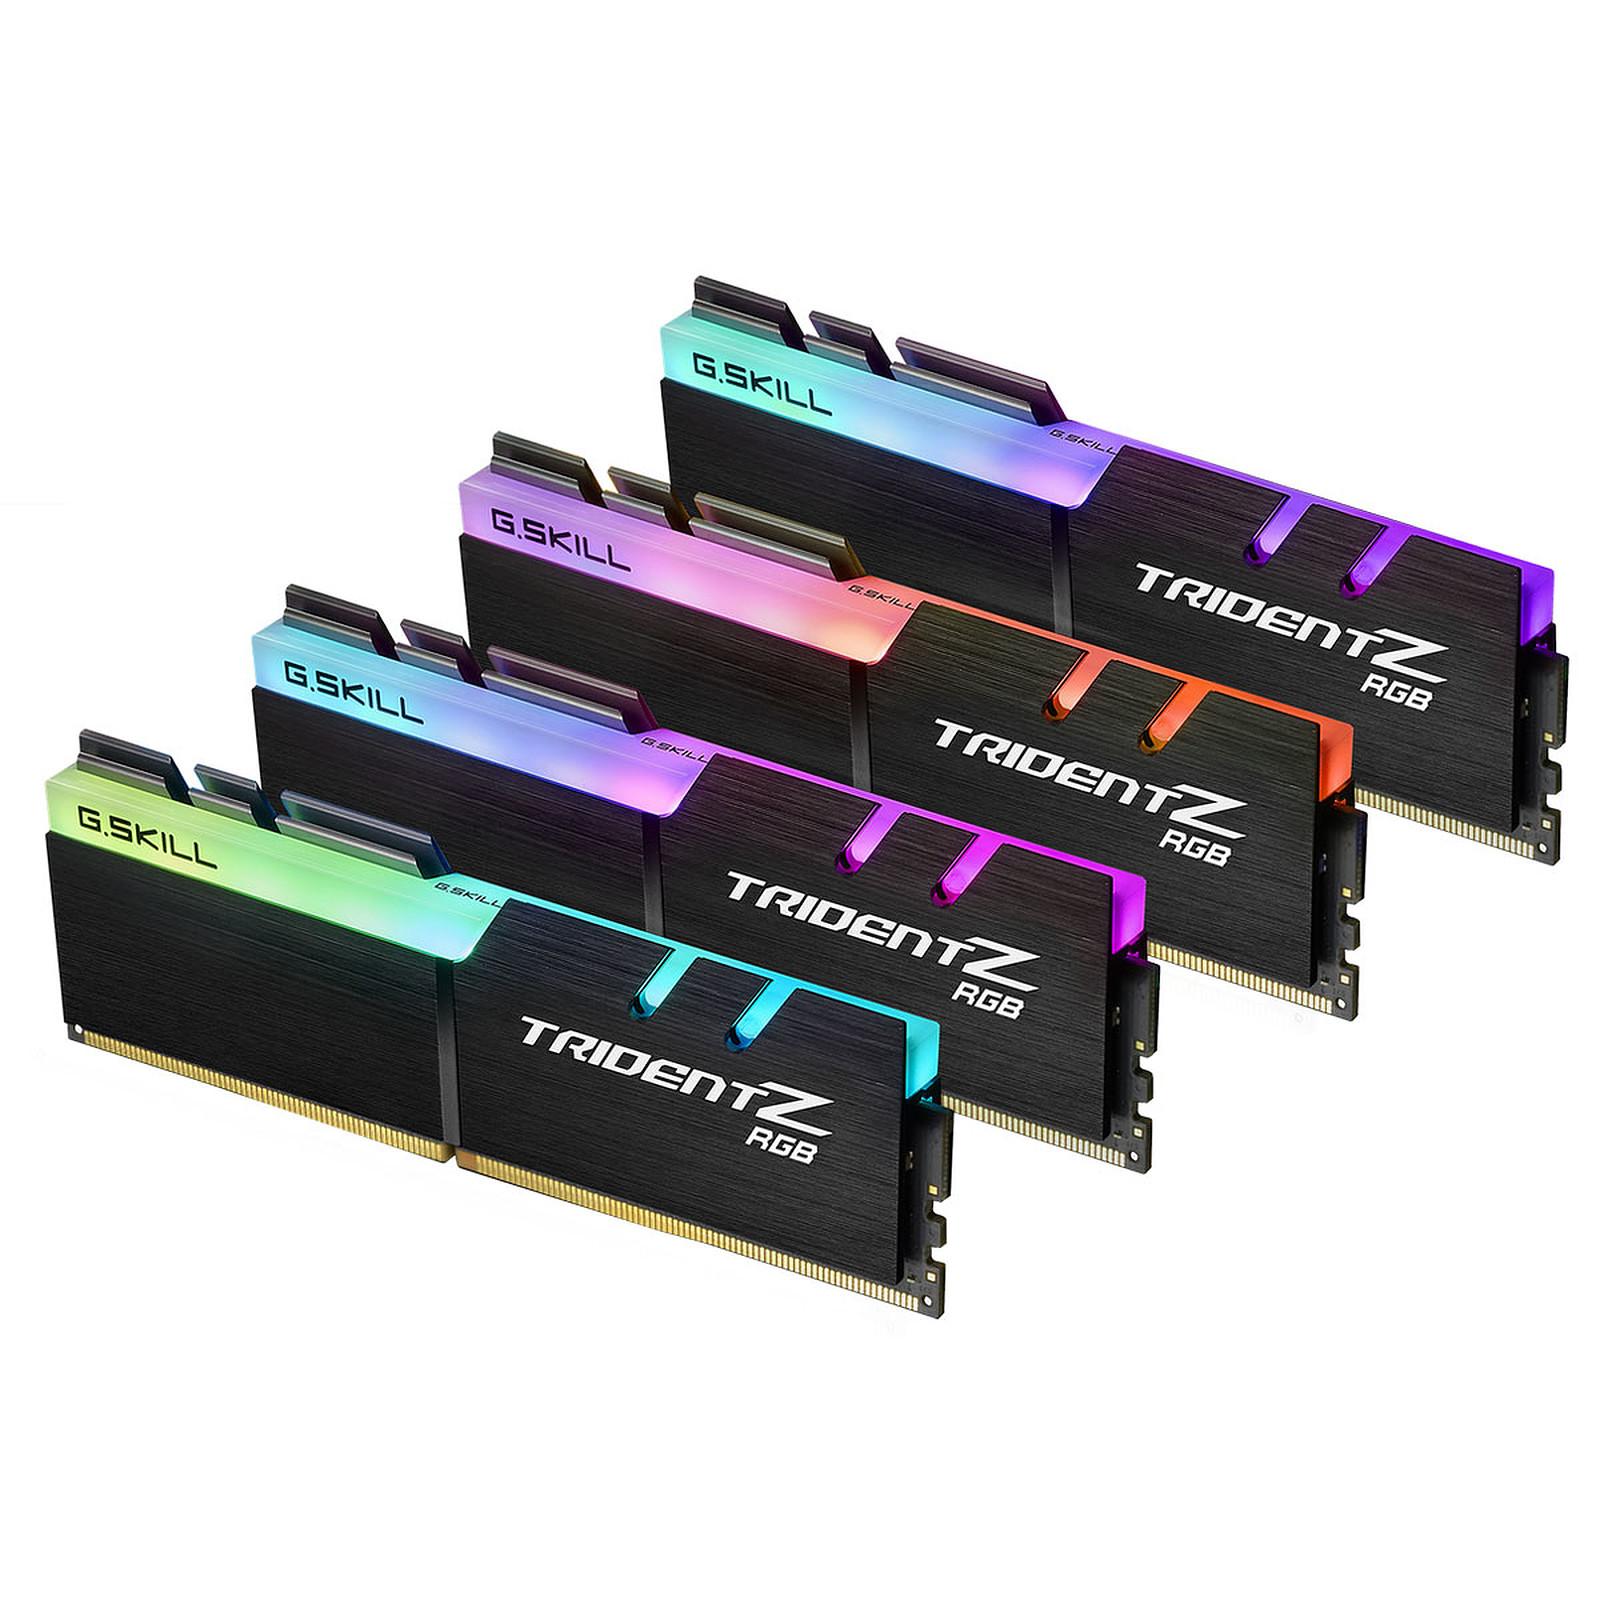 G.Skill Trident Z RGB 64 Go (4x 16 Go) DDR4 3733 MHz CL17